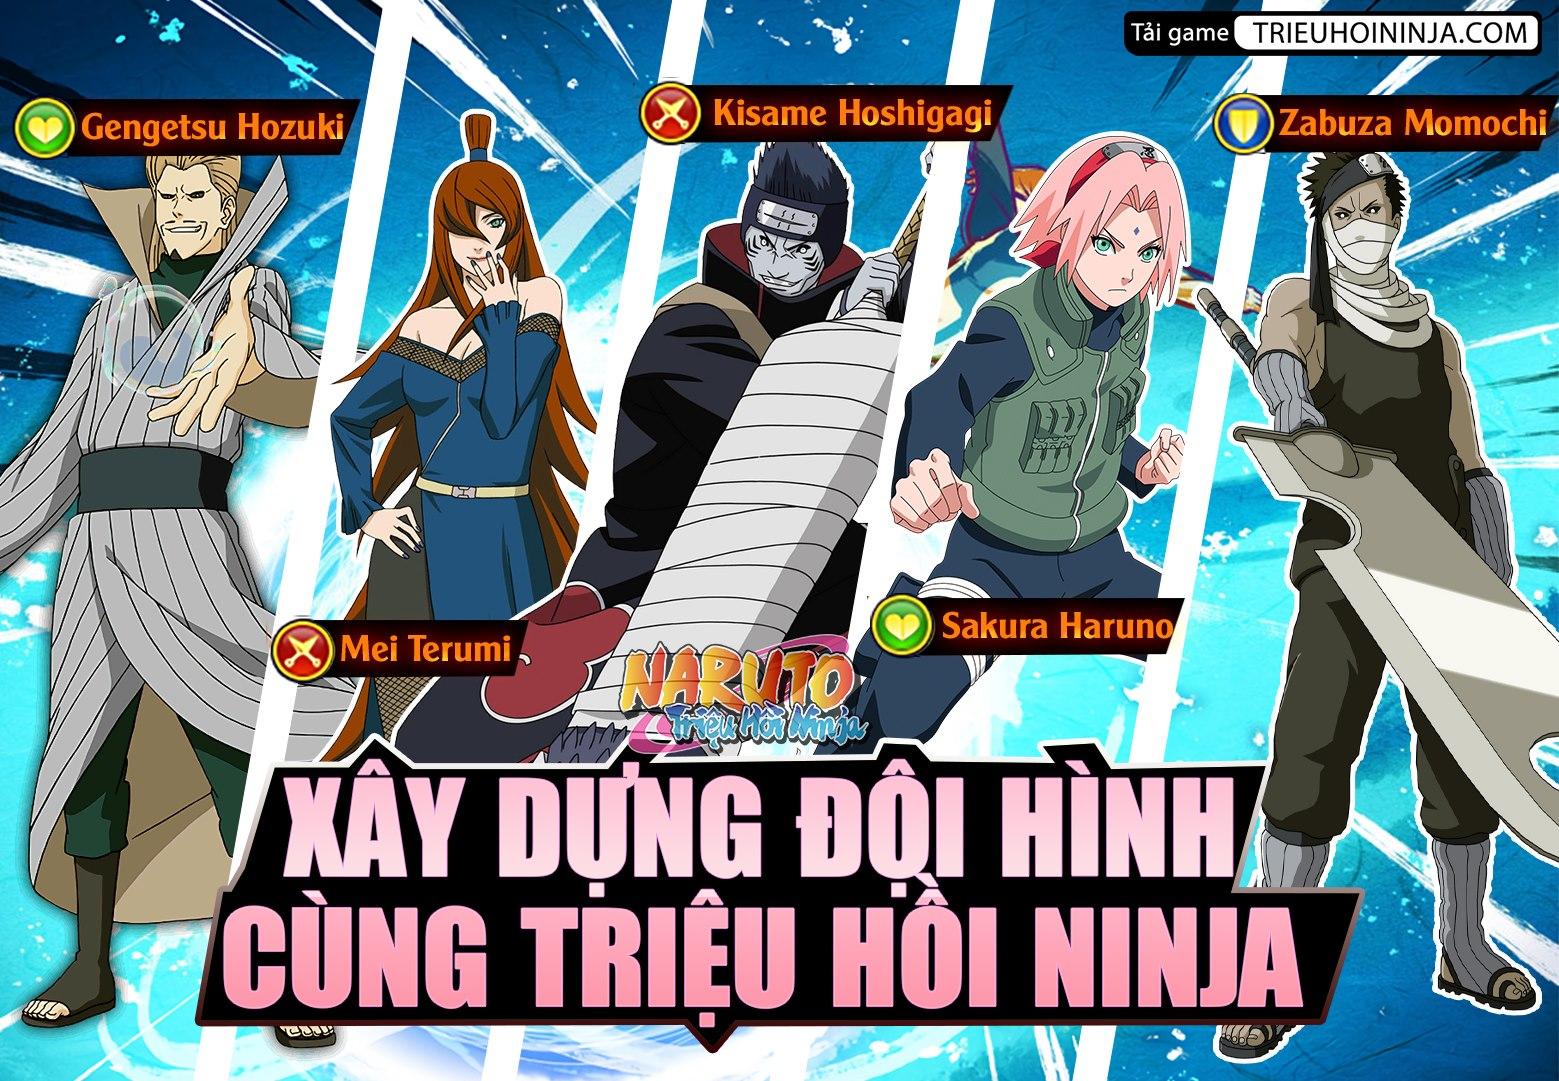 Trieu hoi ninja 1